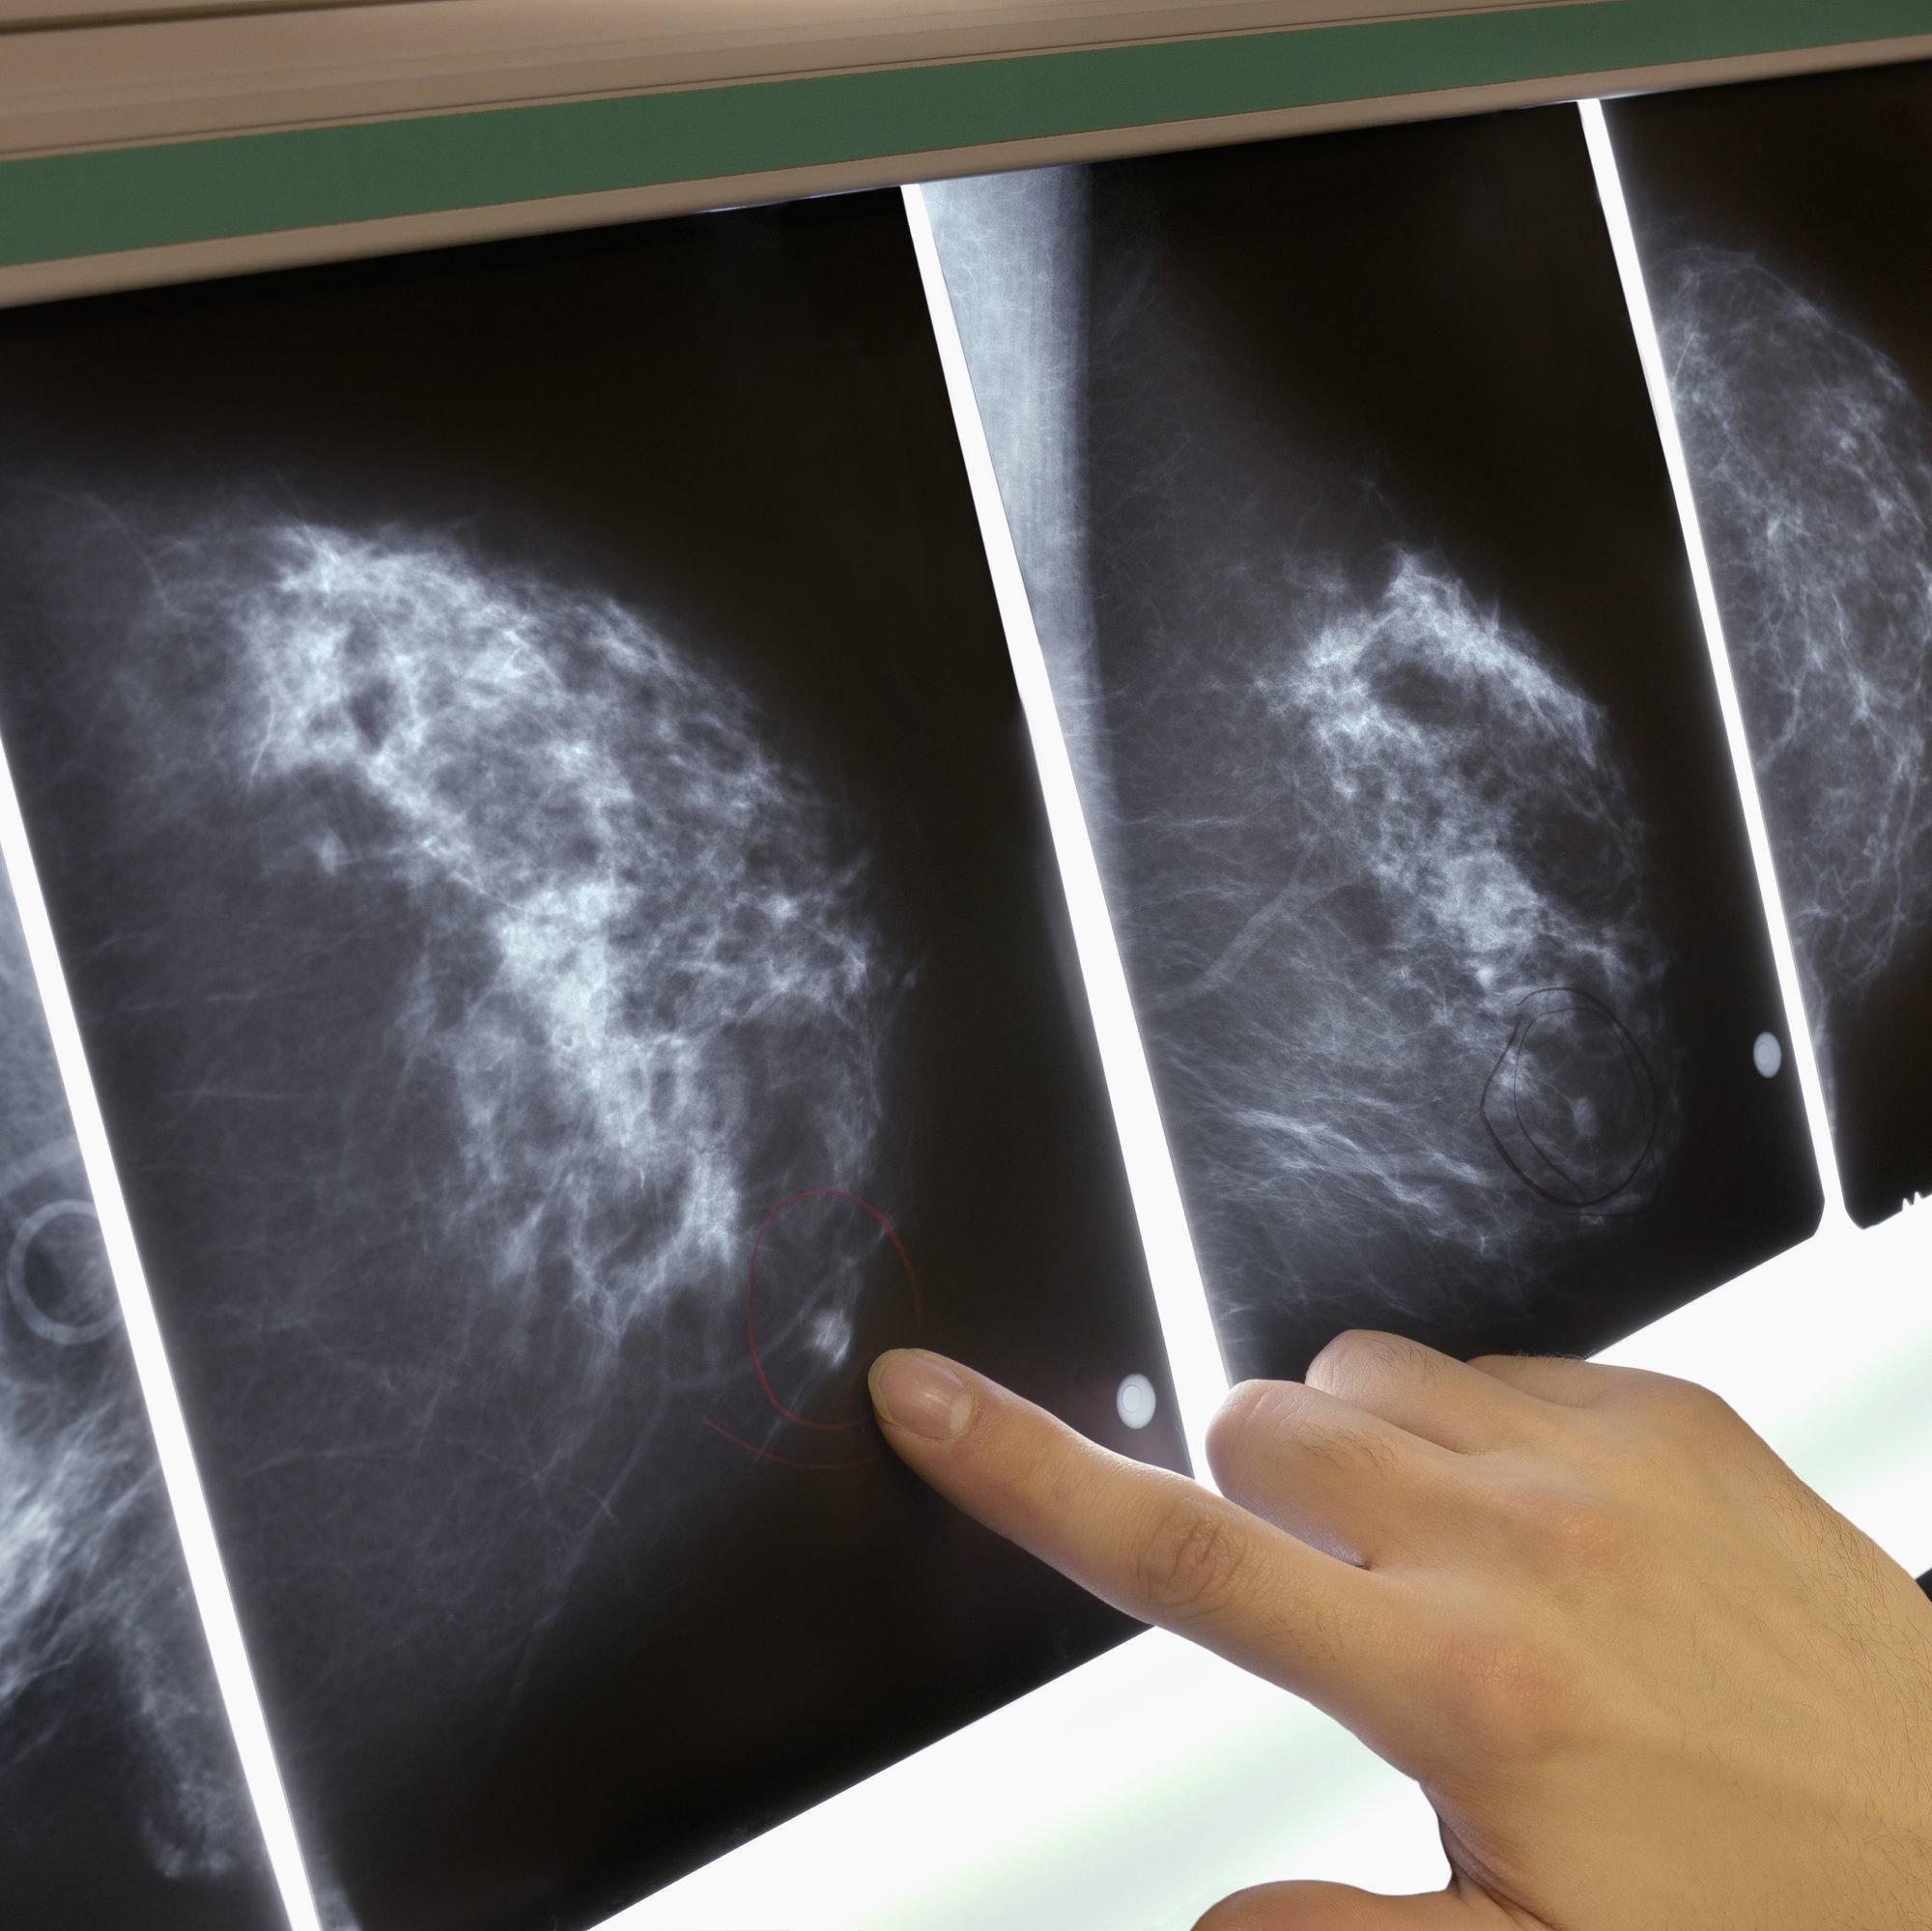 чем отличается маммография от узи